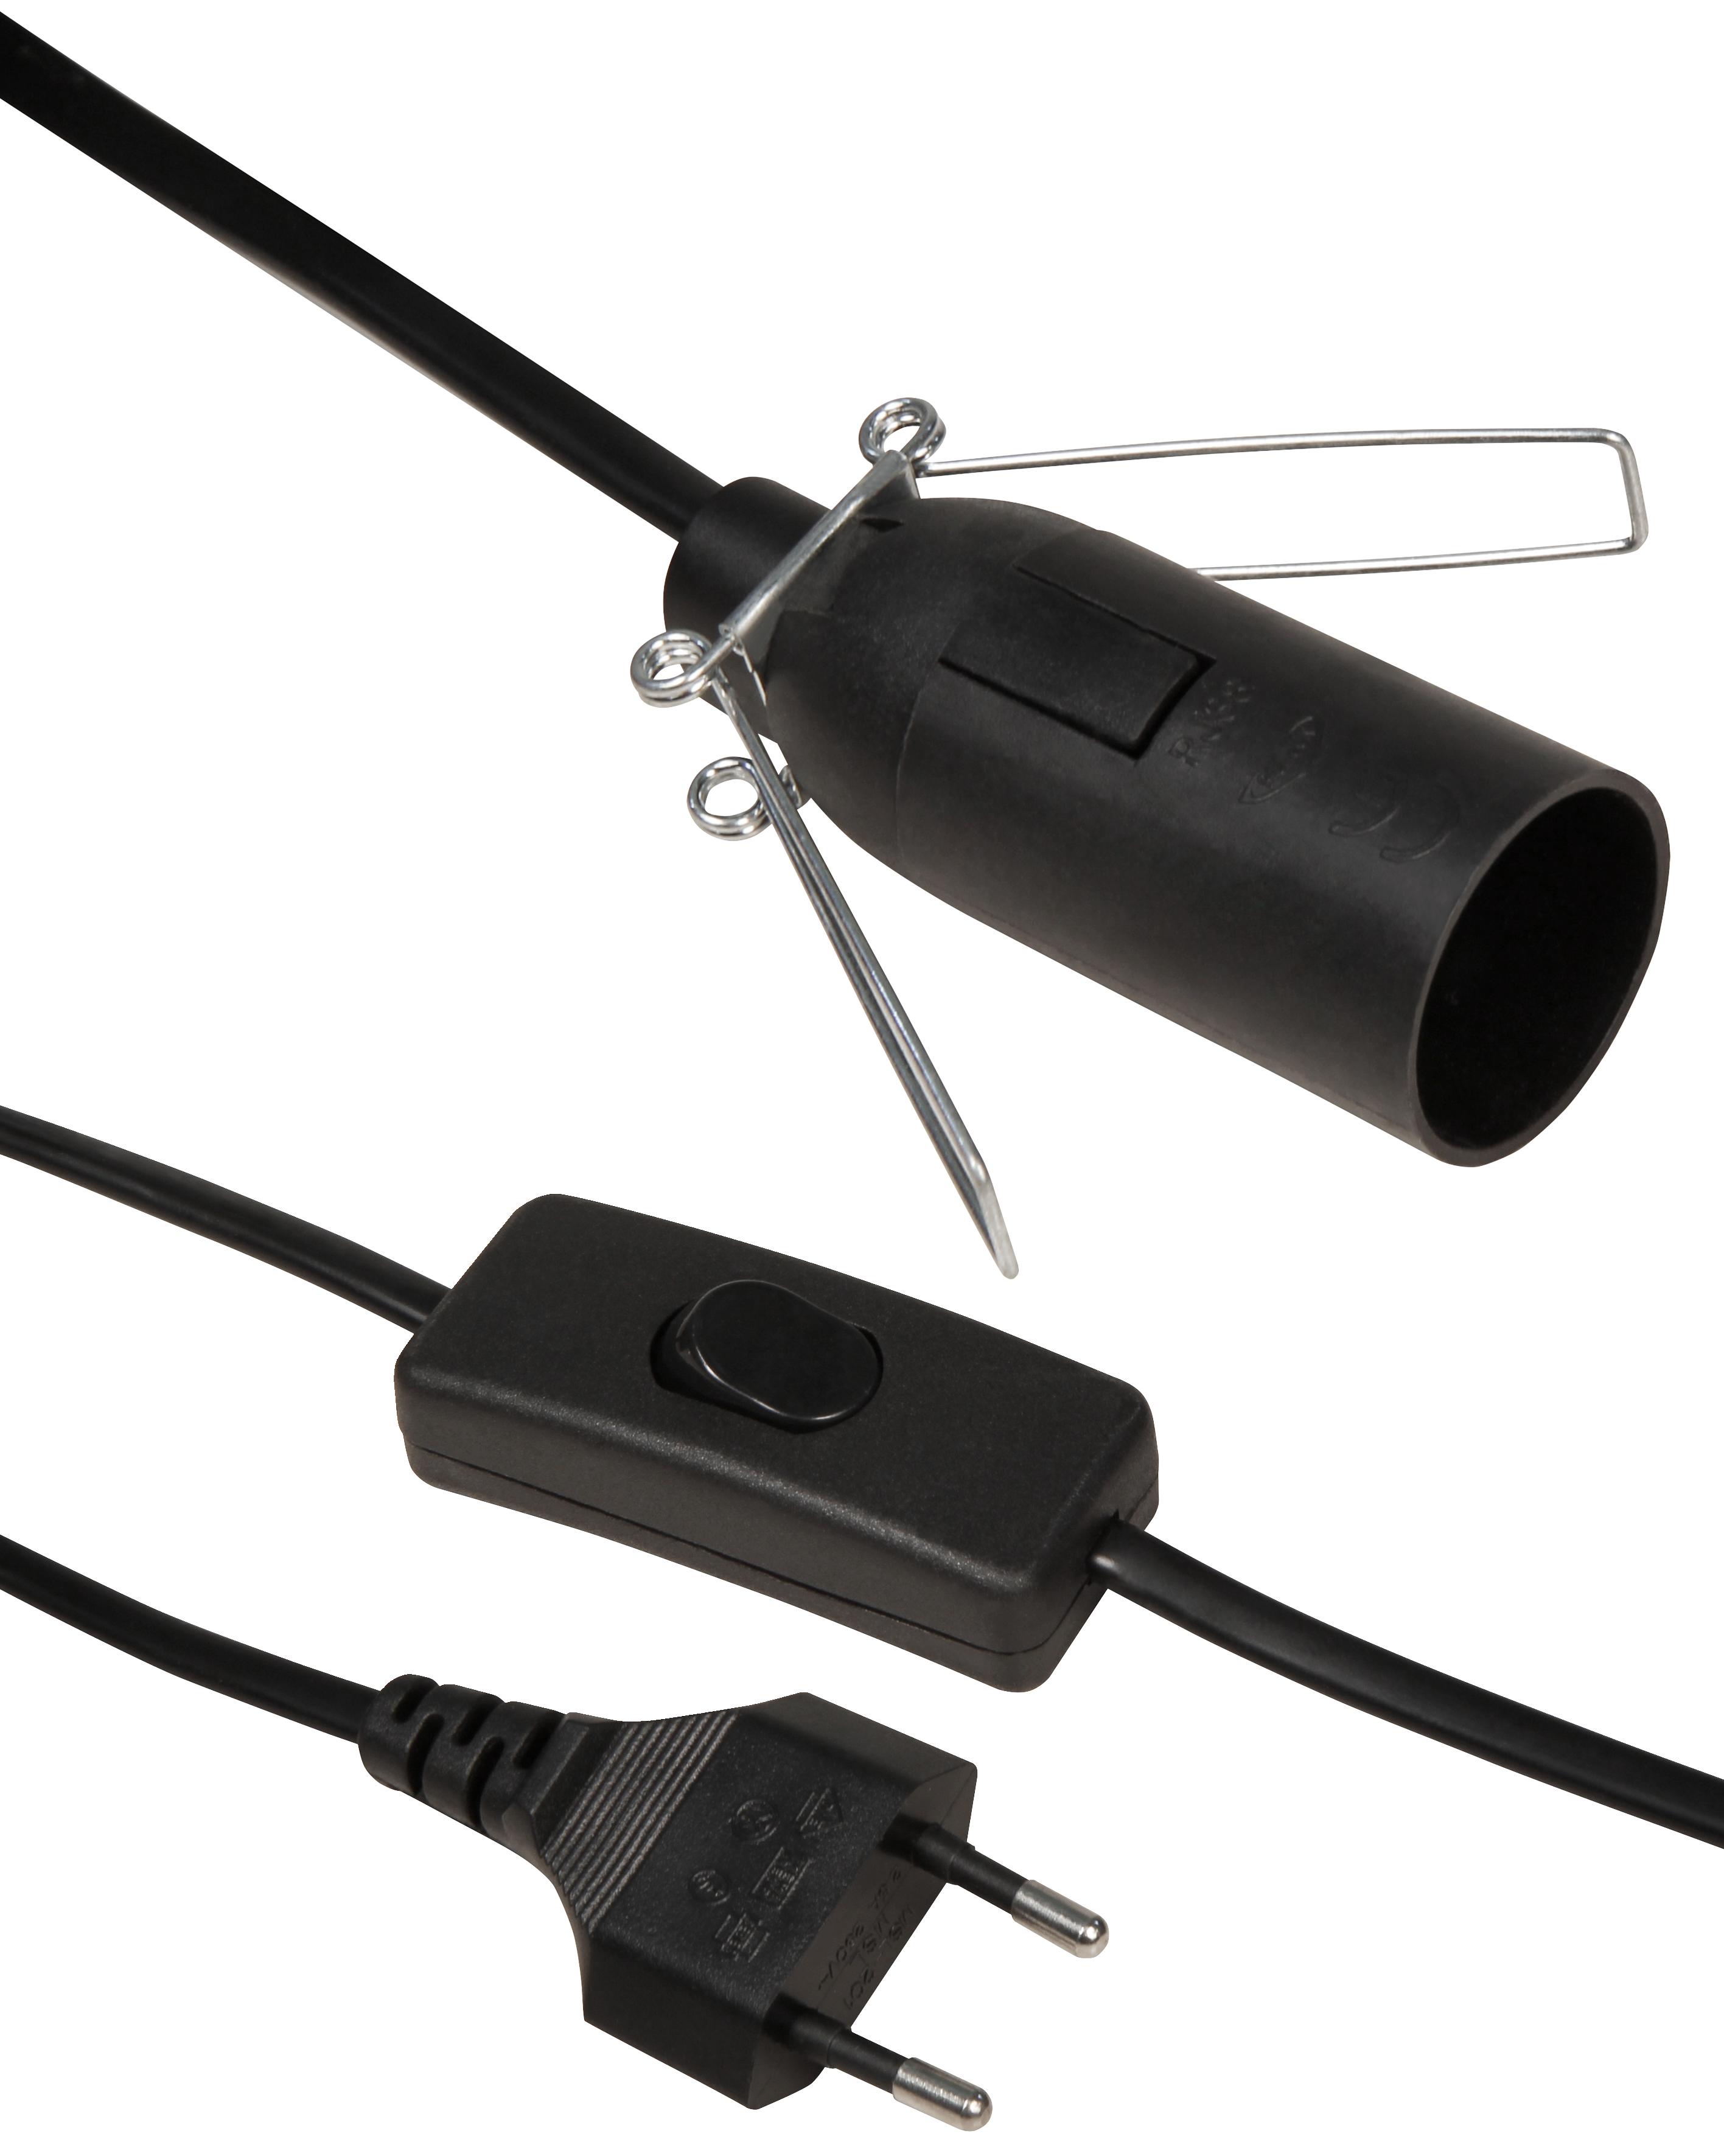 Euro-Netzkabel McPower mit Schnurschalter und E14 Fassung, 3,5m, schwarz